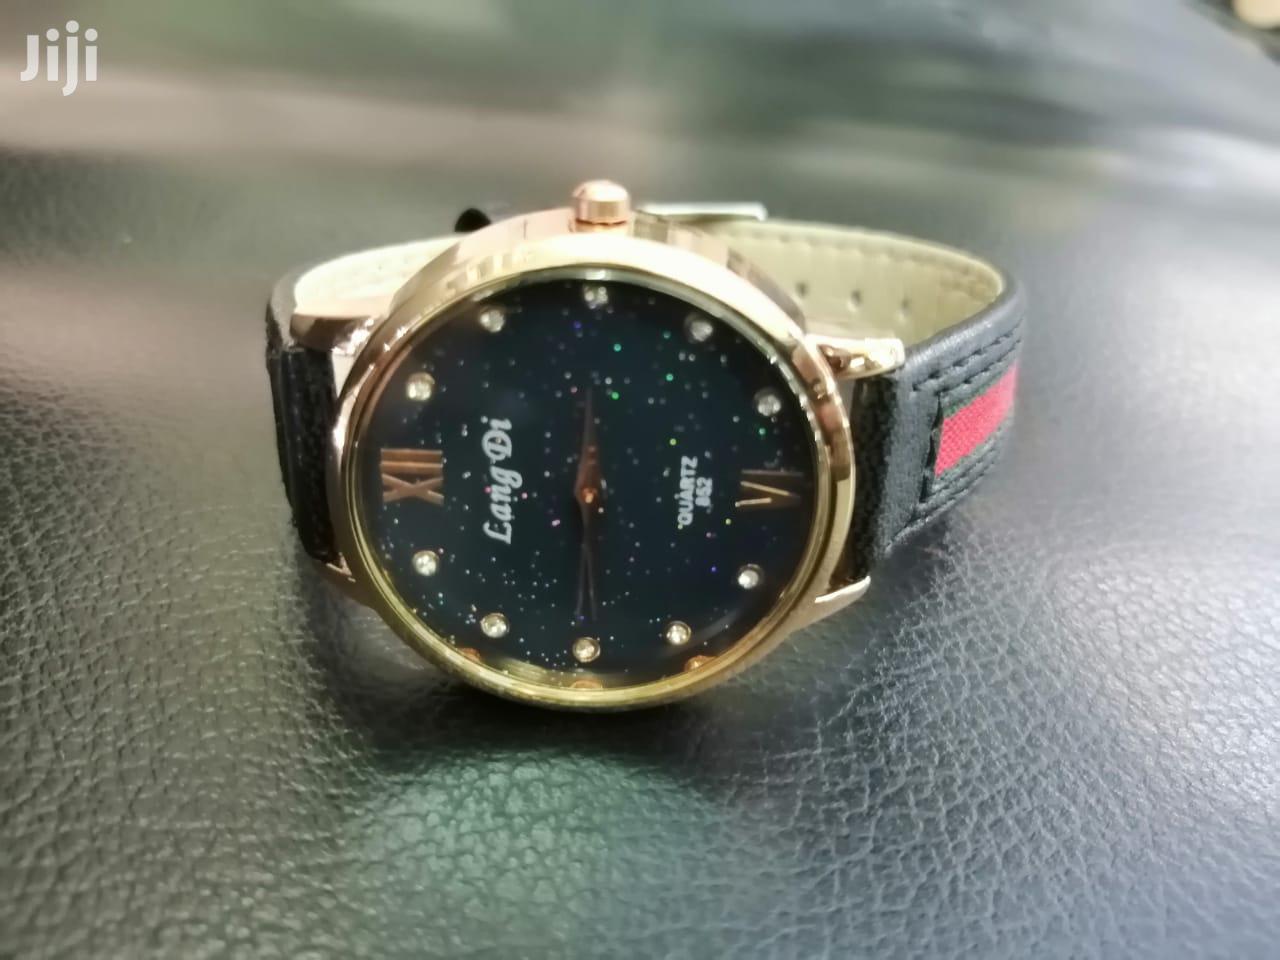 Ladies Watch Quality Timepiece